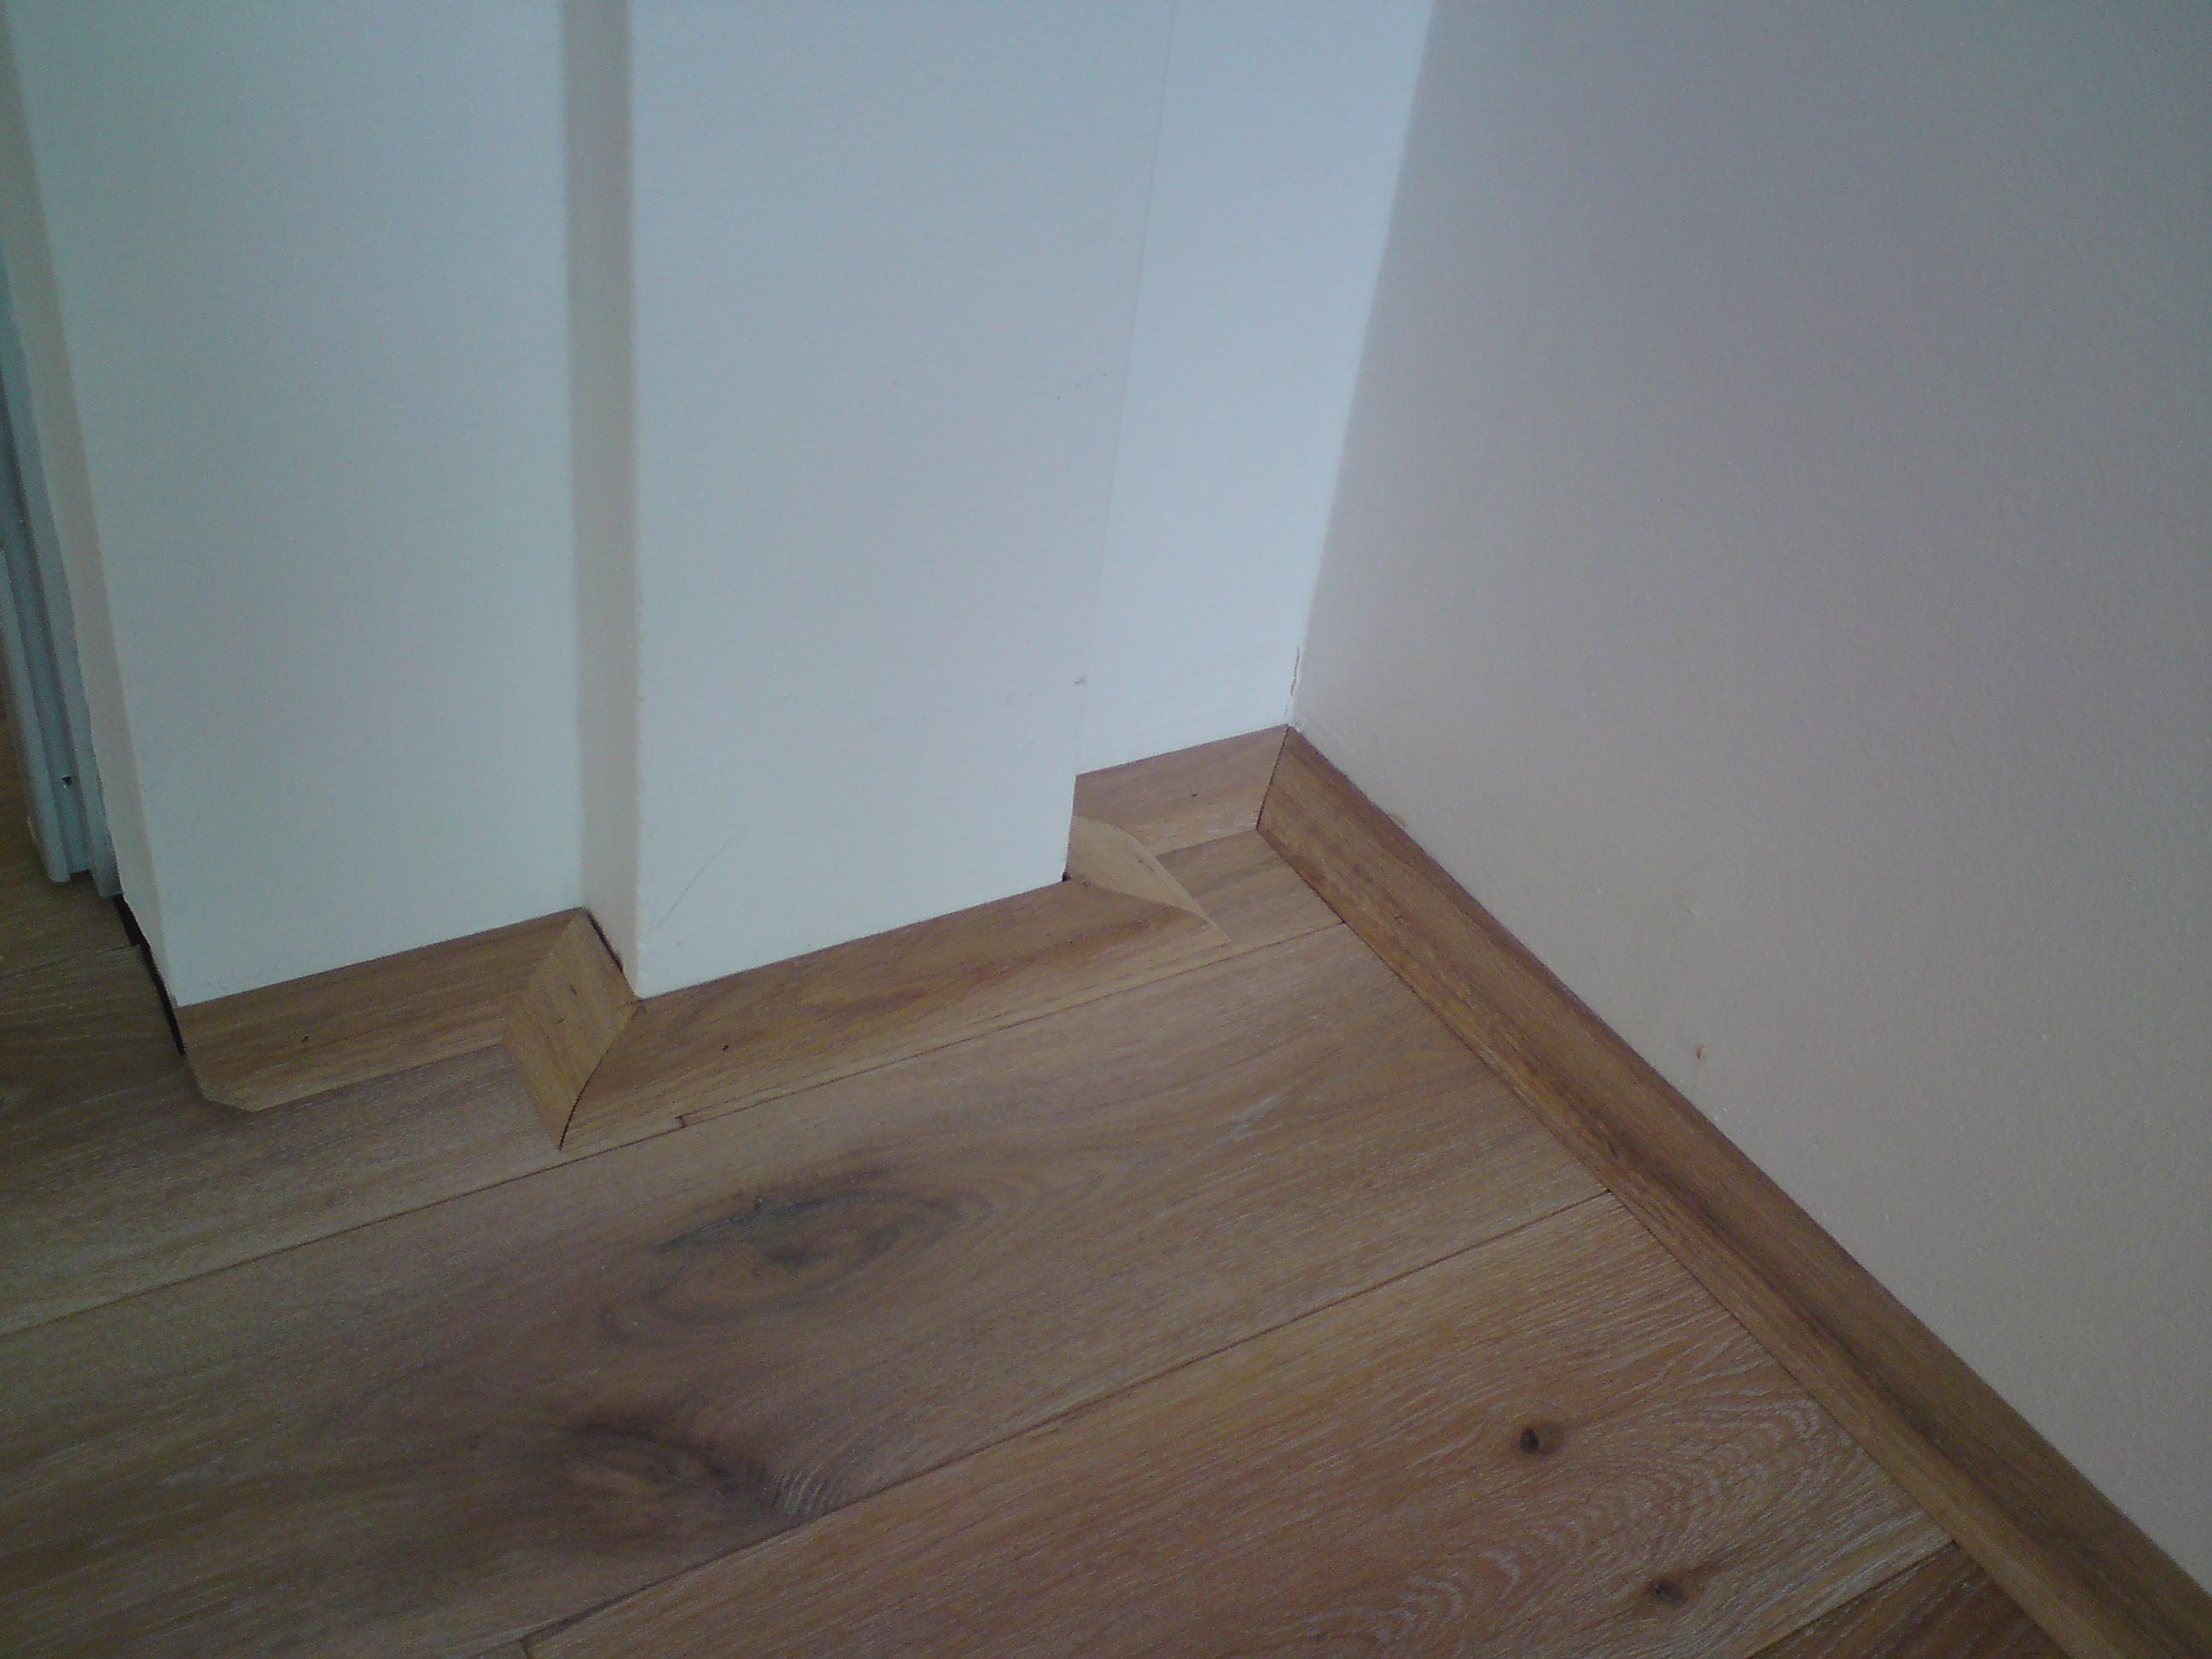 Lištování dubové podlahy jak na to